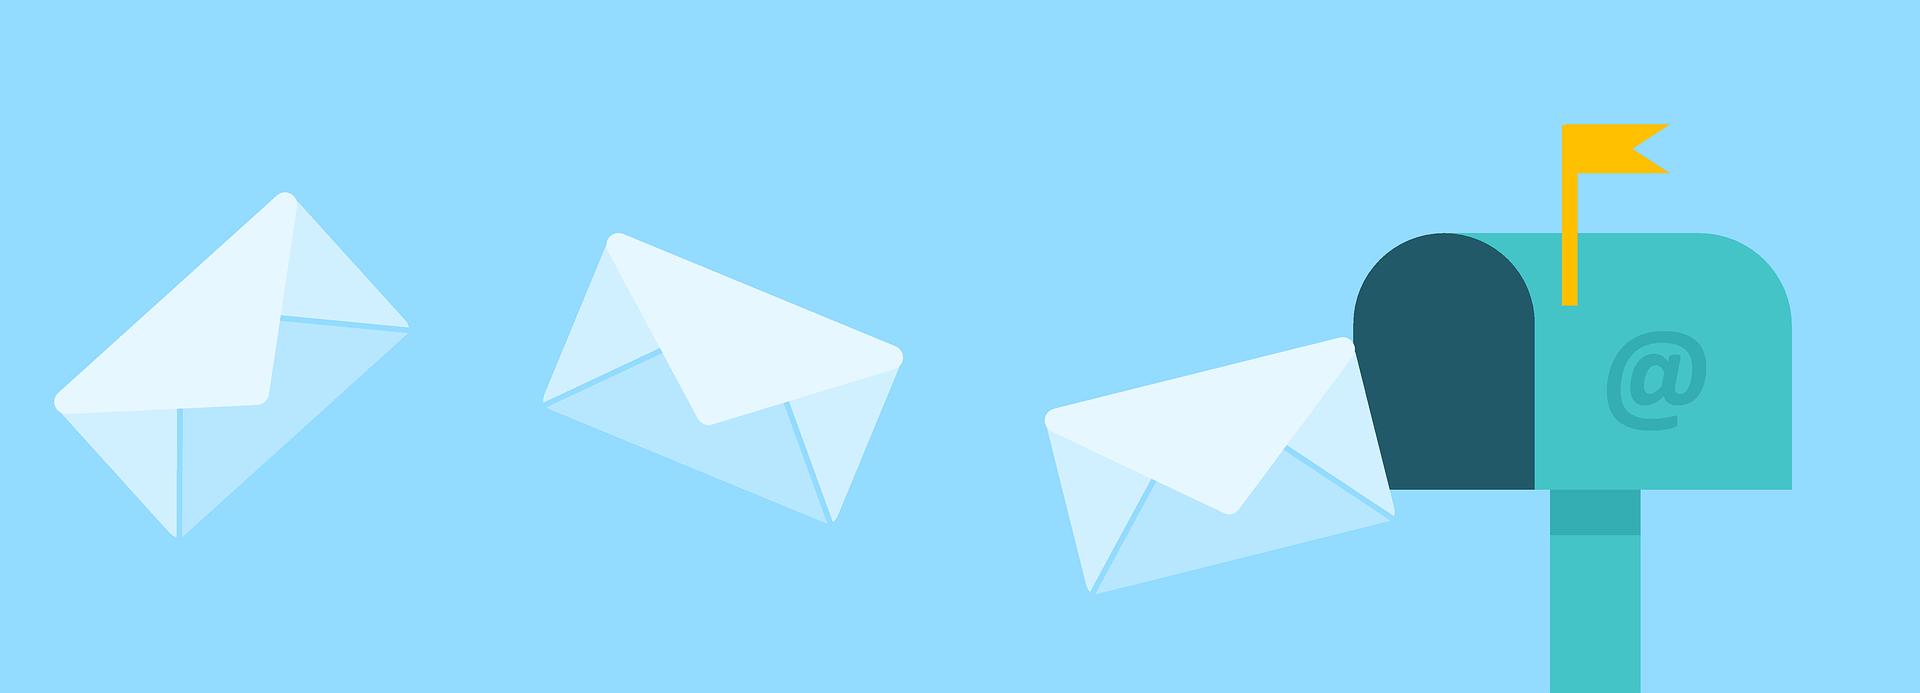 Vorsicht Phishing: Cyber-Betrüger locken mit gefälschten Paket-Versandberichten